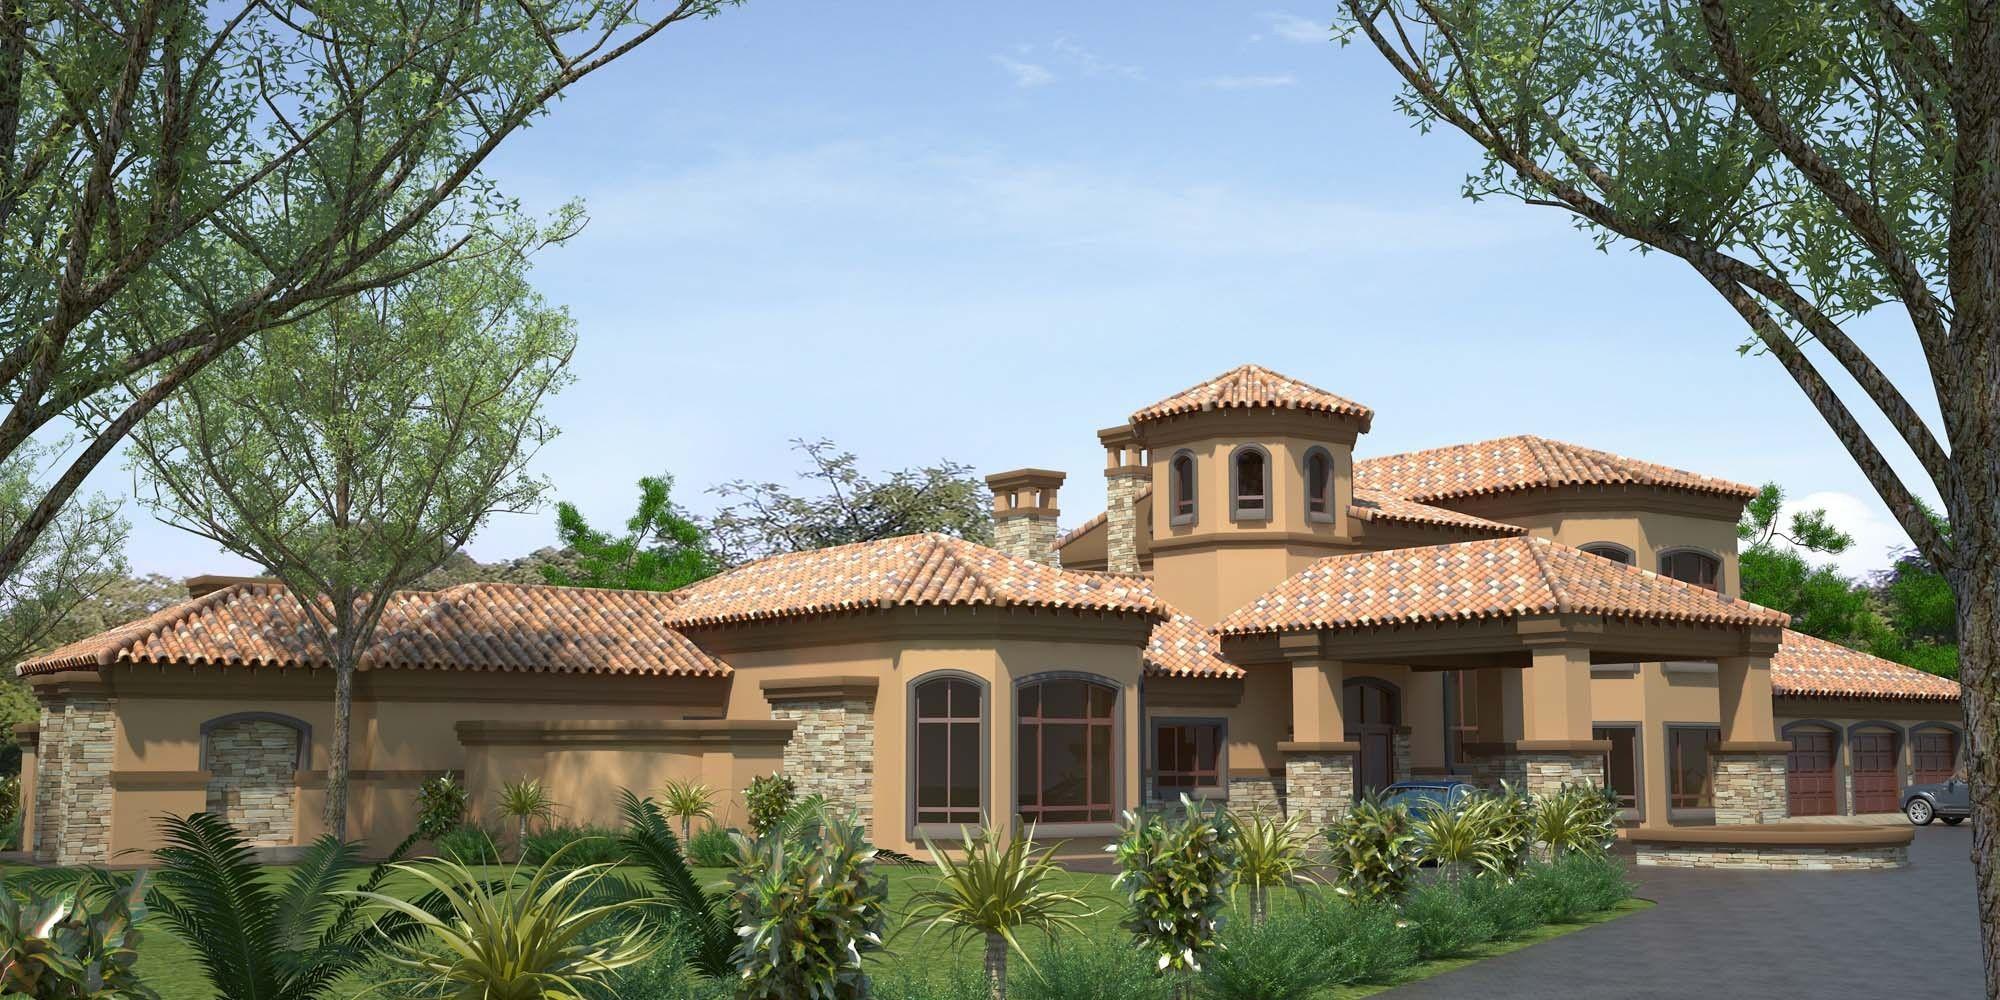 D model tuscan house d model dmodeling pinterest tuscan